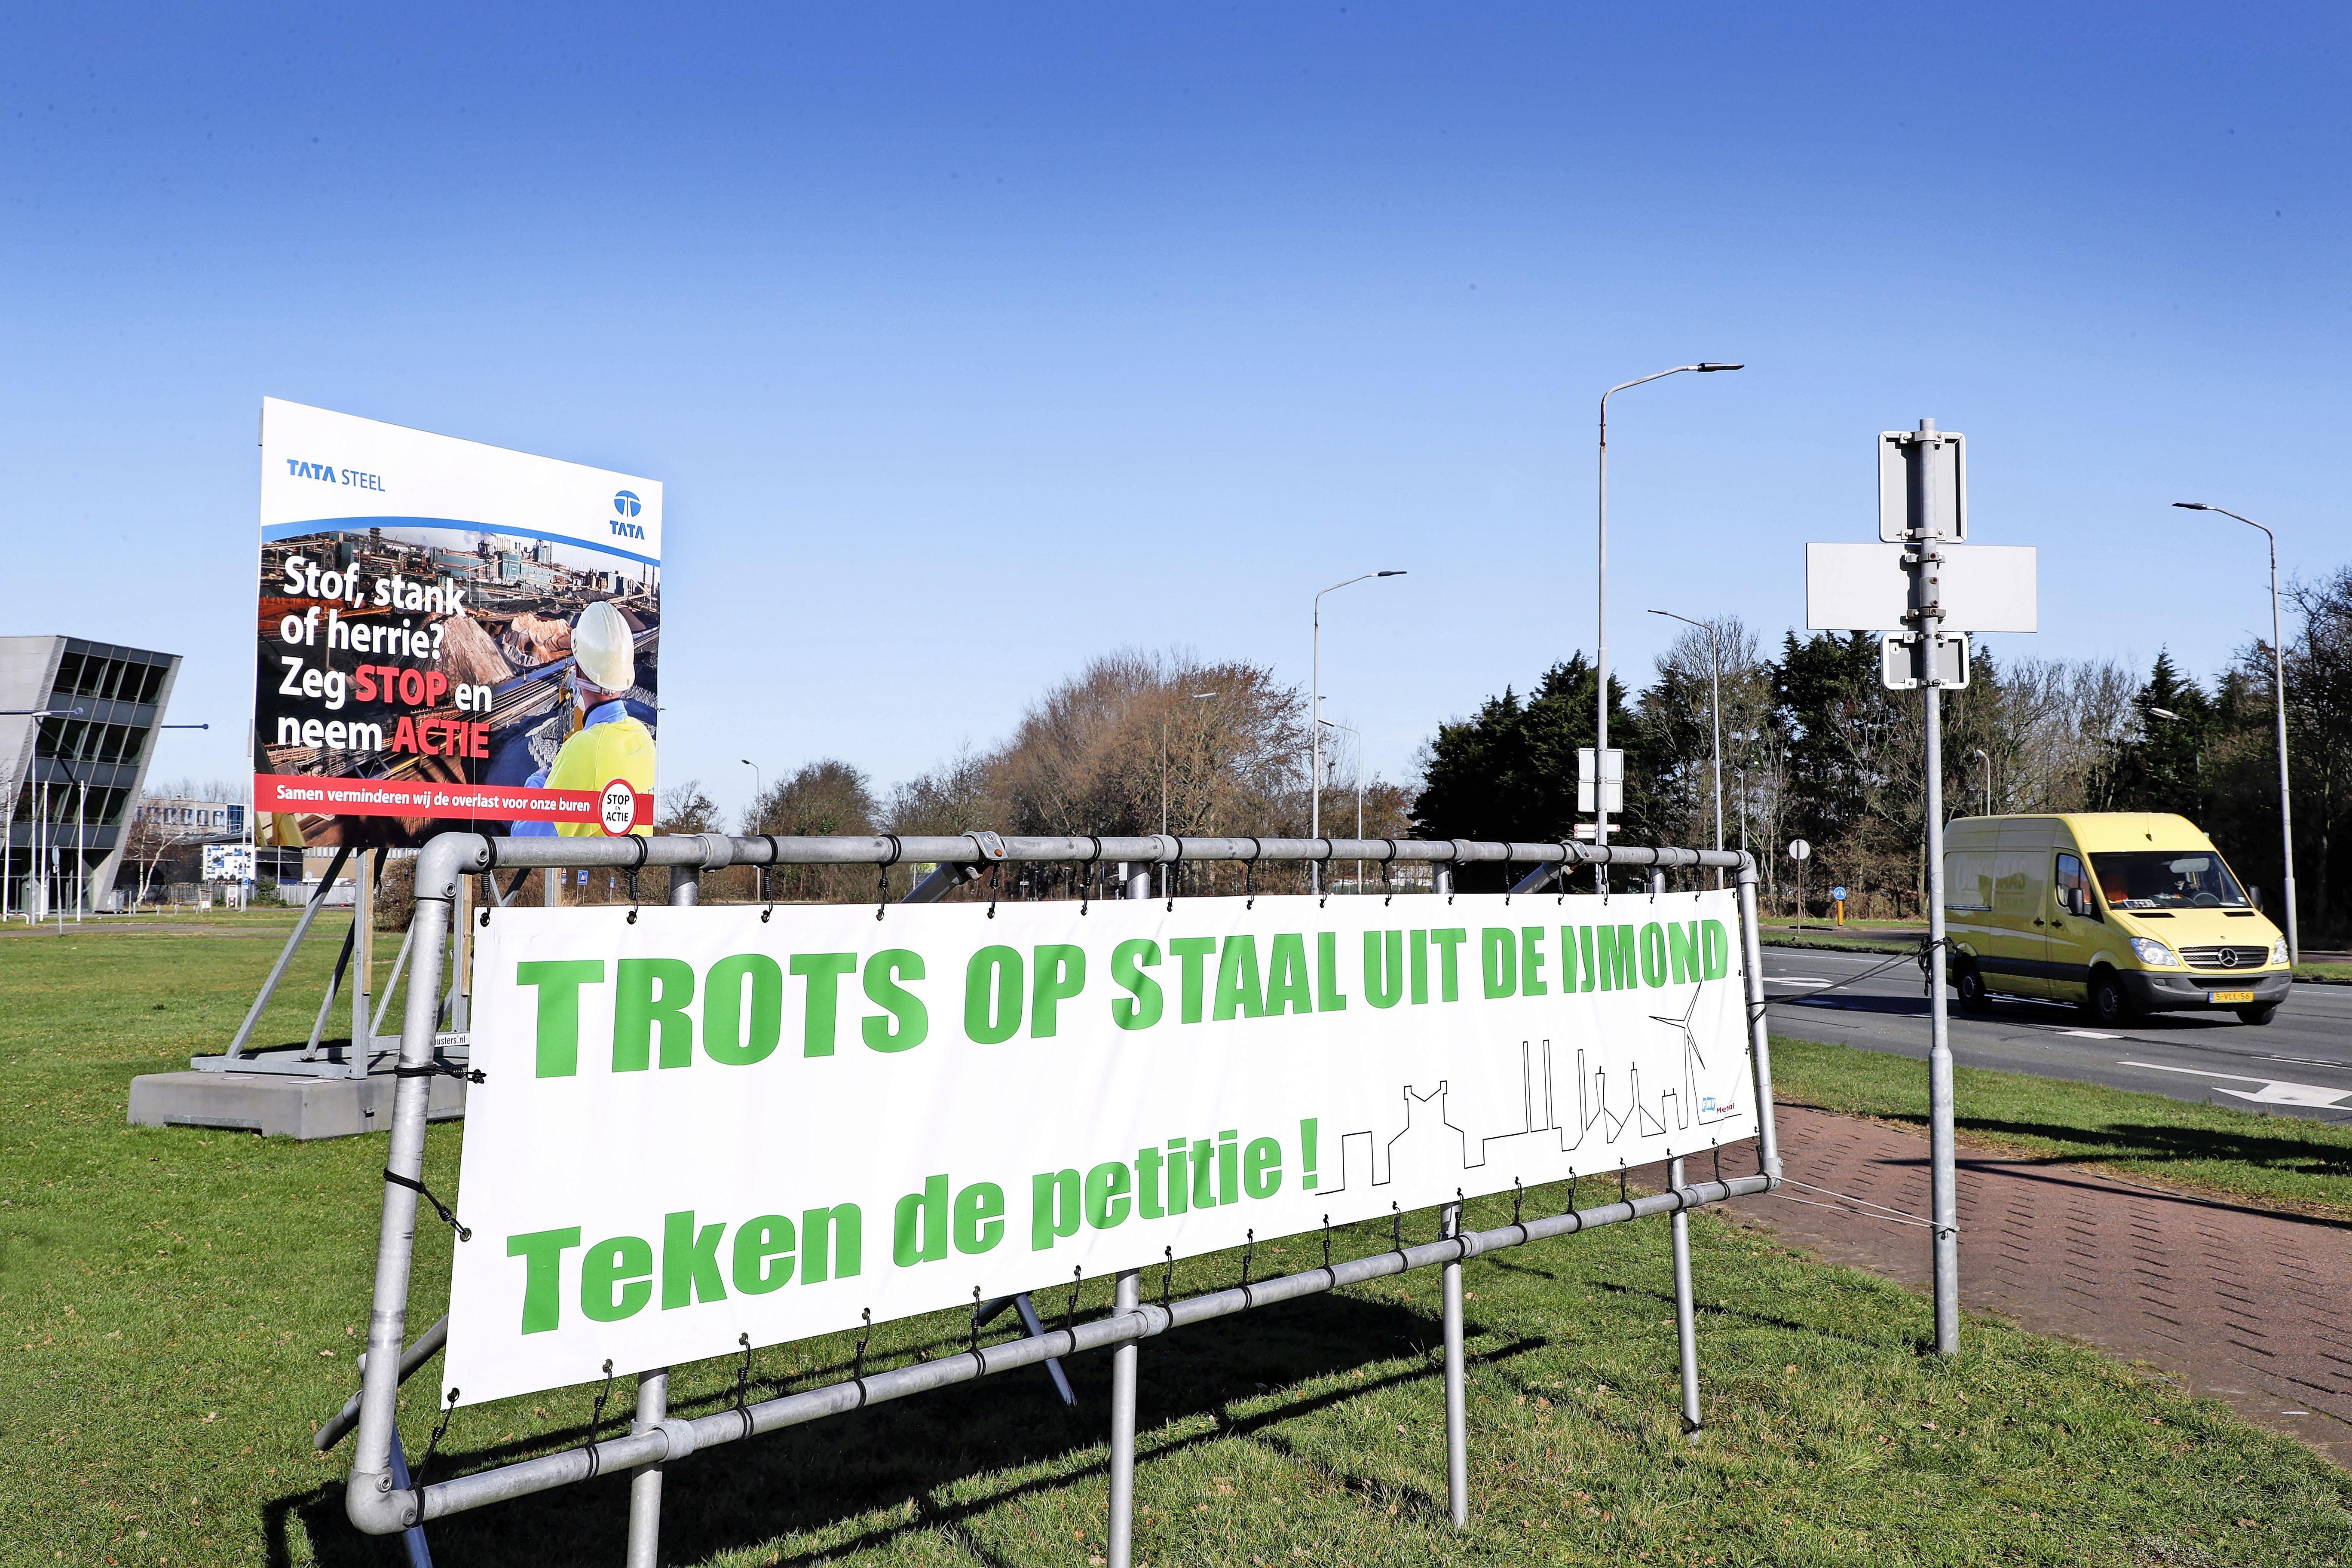 Tata Steel hét onderwerp bij informatieavond over gezondheidsonderzoek IJmond. Gedeputeerde Olthof: 'Aan de wettelijke regels voldoen geeft geen garantie op een gezonde leefomgeving'